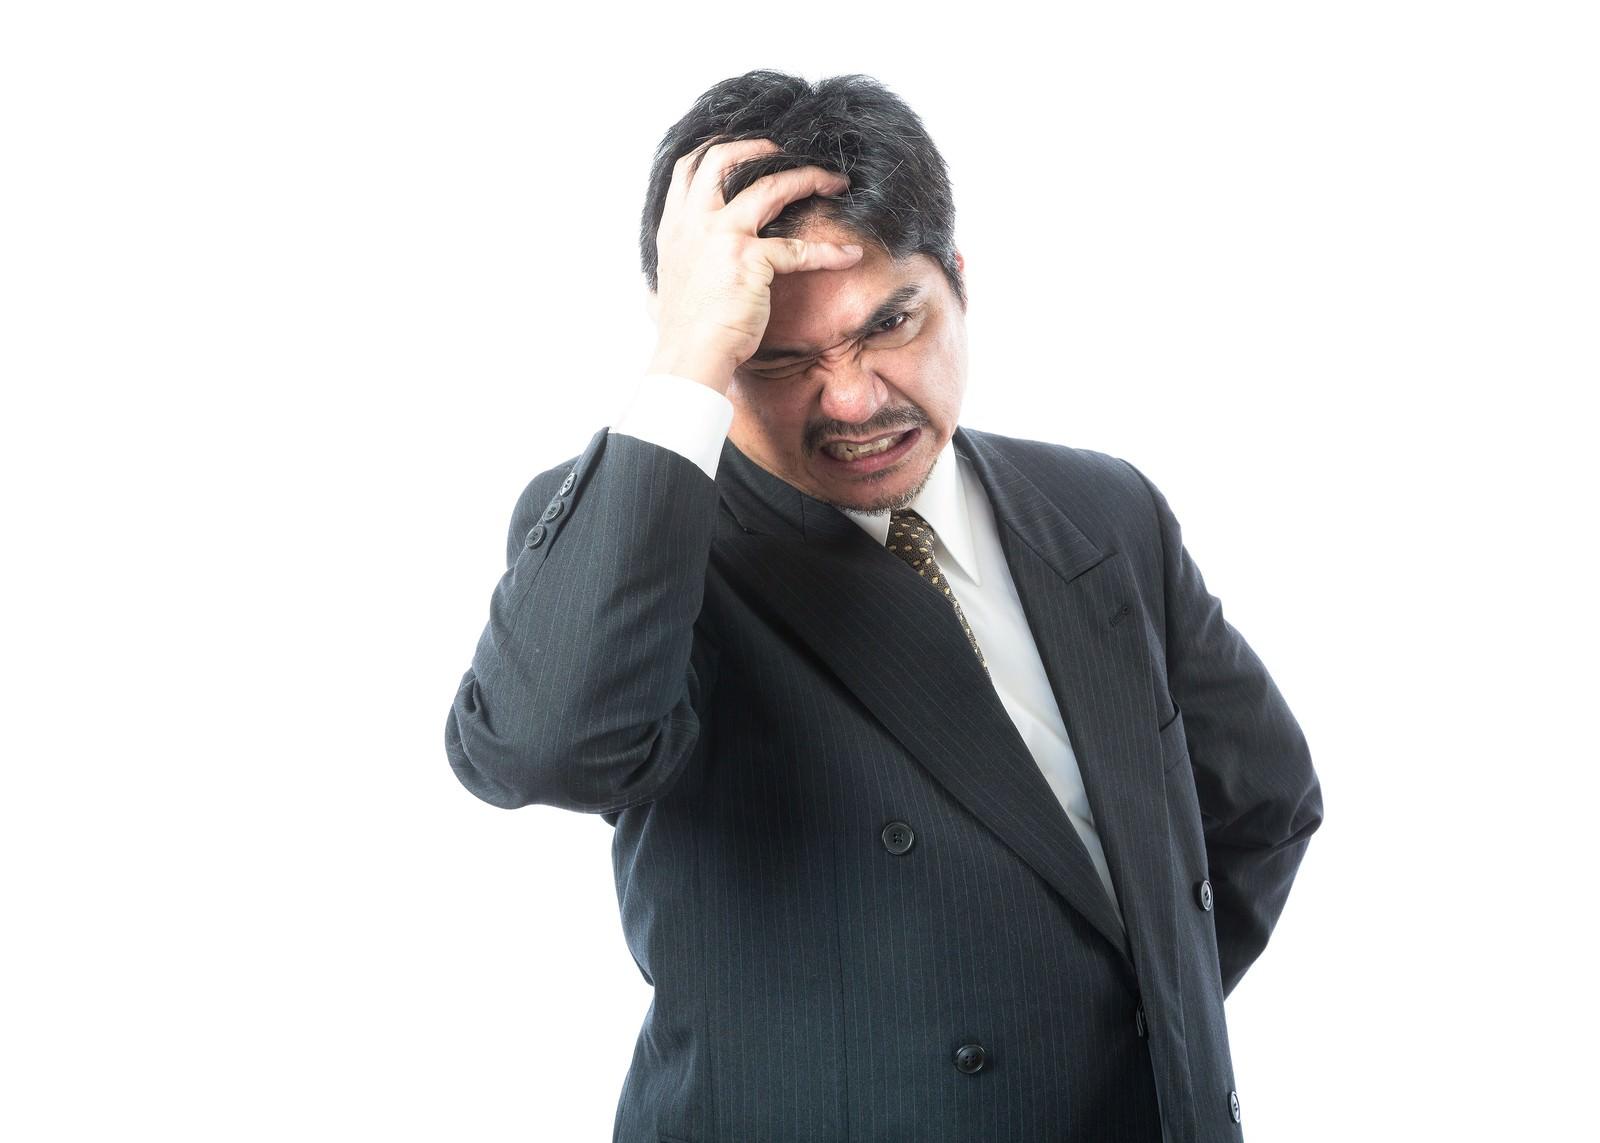 手形不渡りが発生して頭を抱える経営者